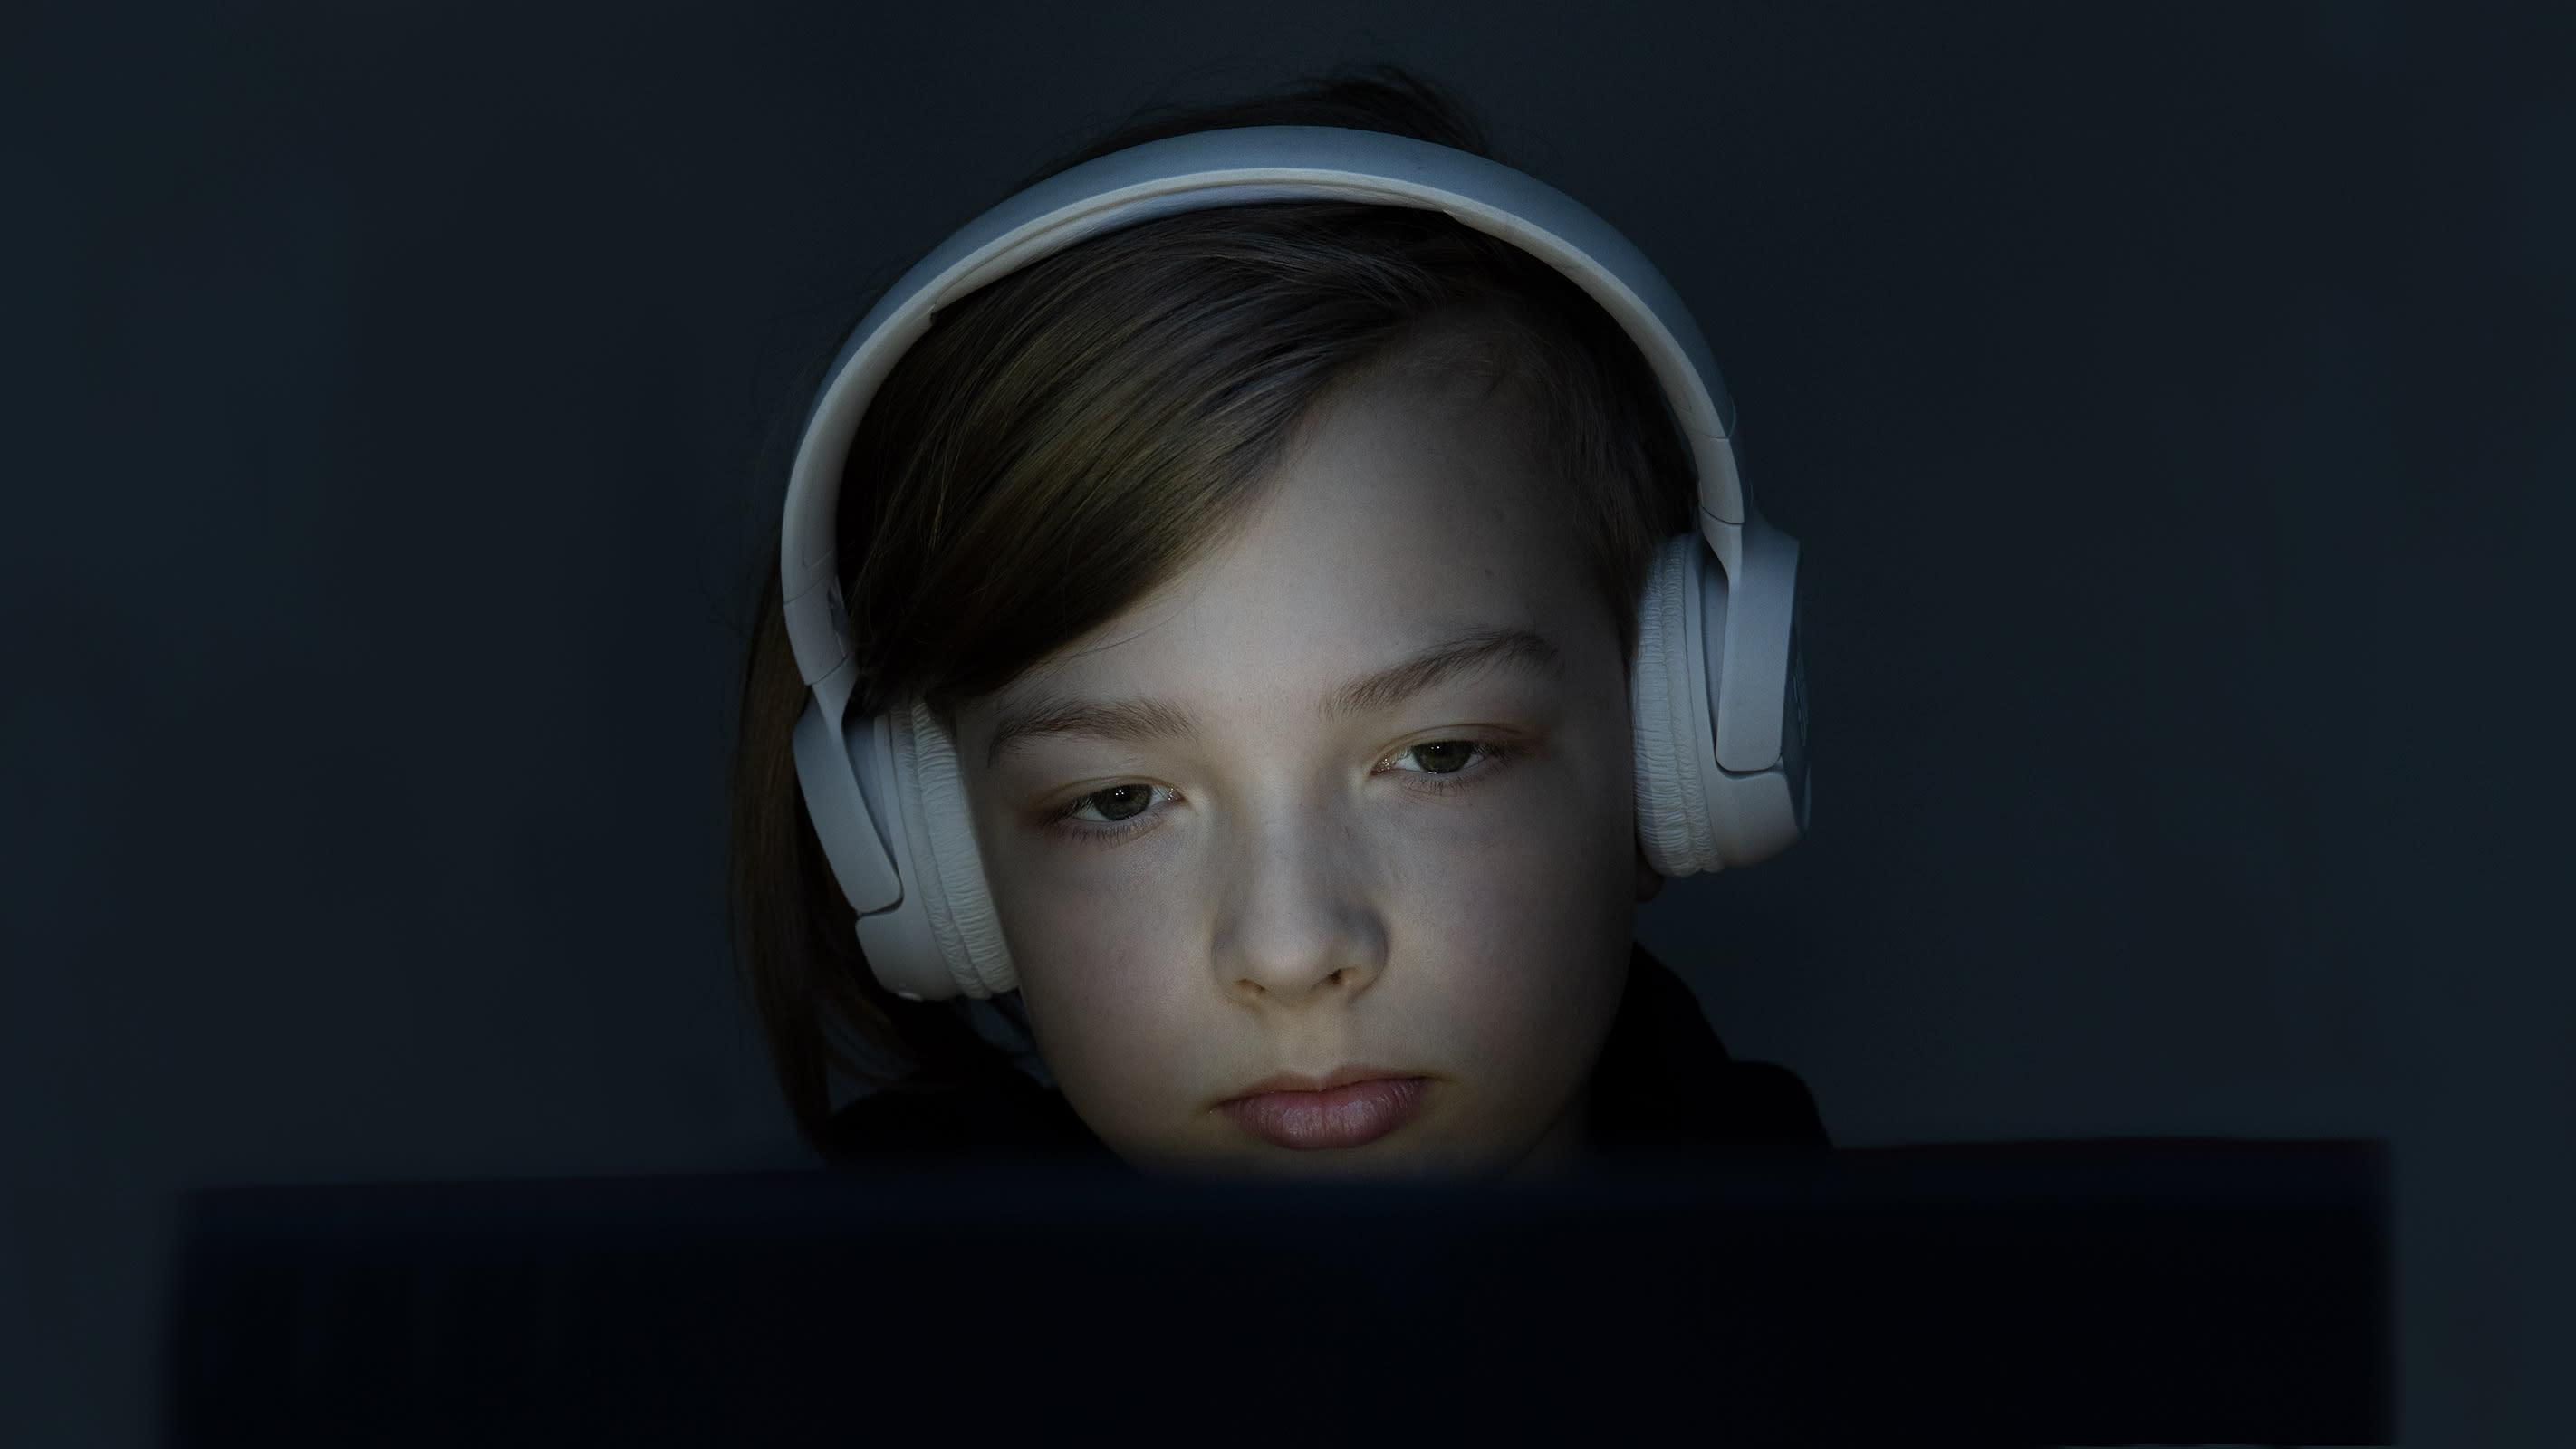 Poika istuu hämärässä tietokoneen ruutua katsoen.